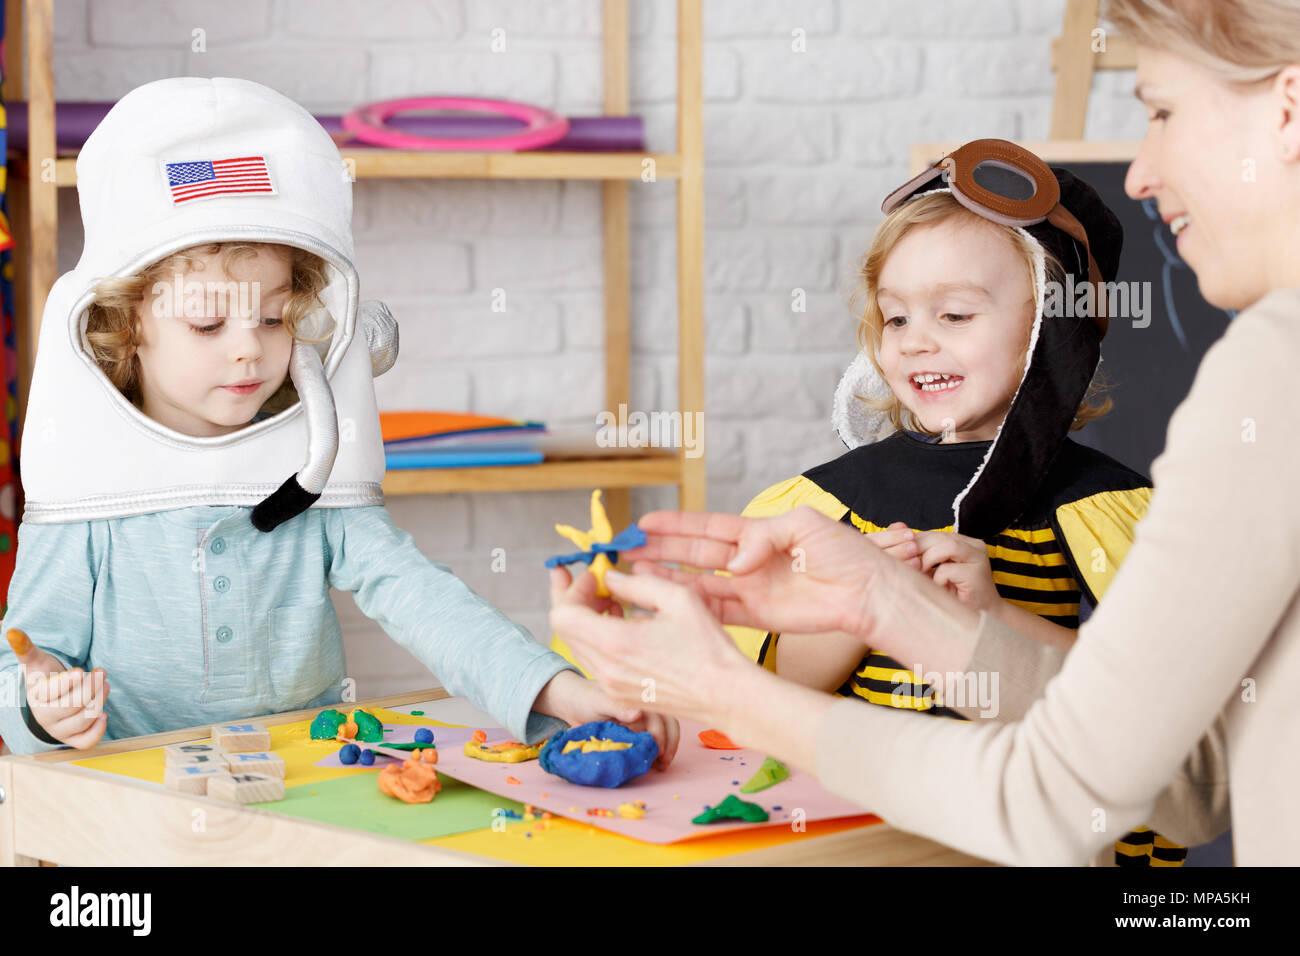 Petit garçon et fille jusqu'au bal costumé en maternelle Photo Stock